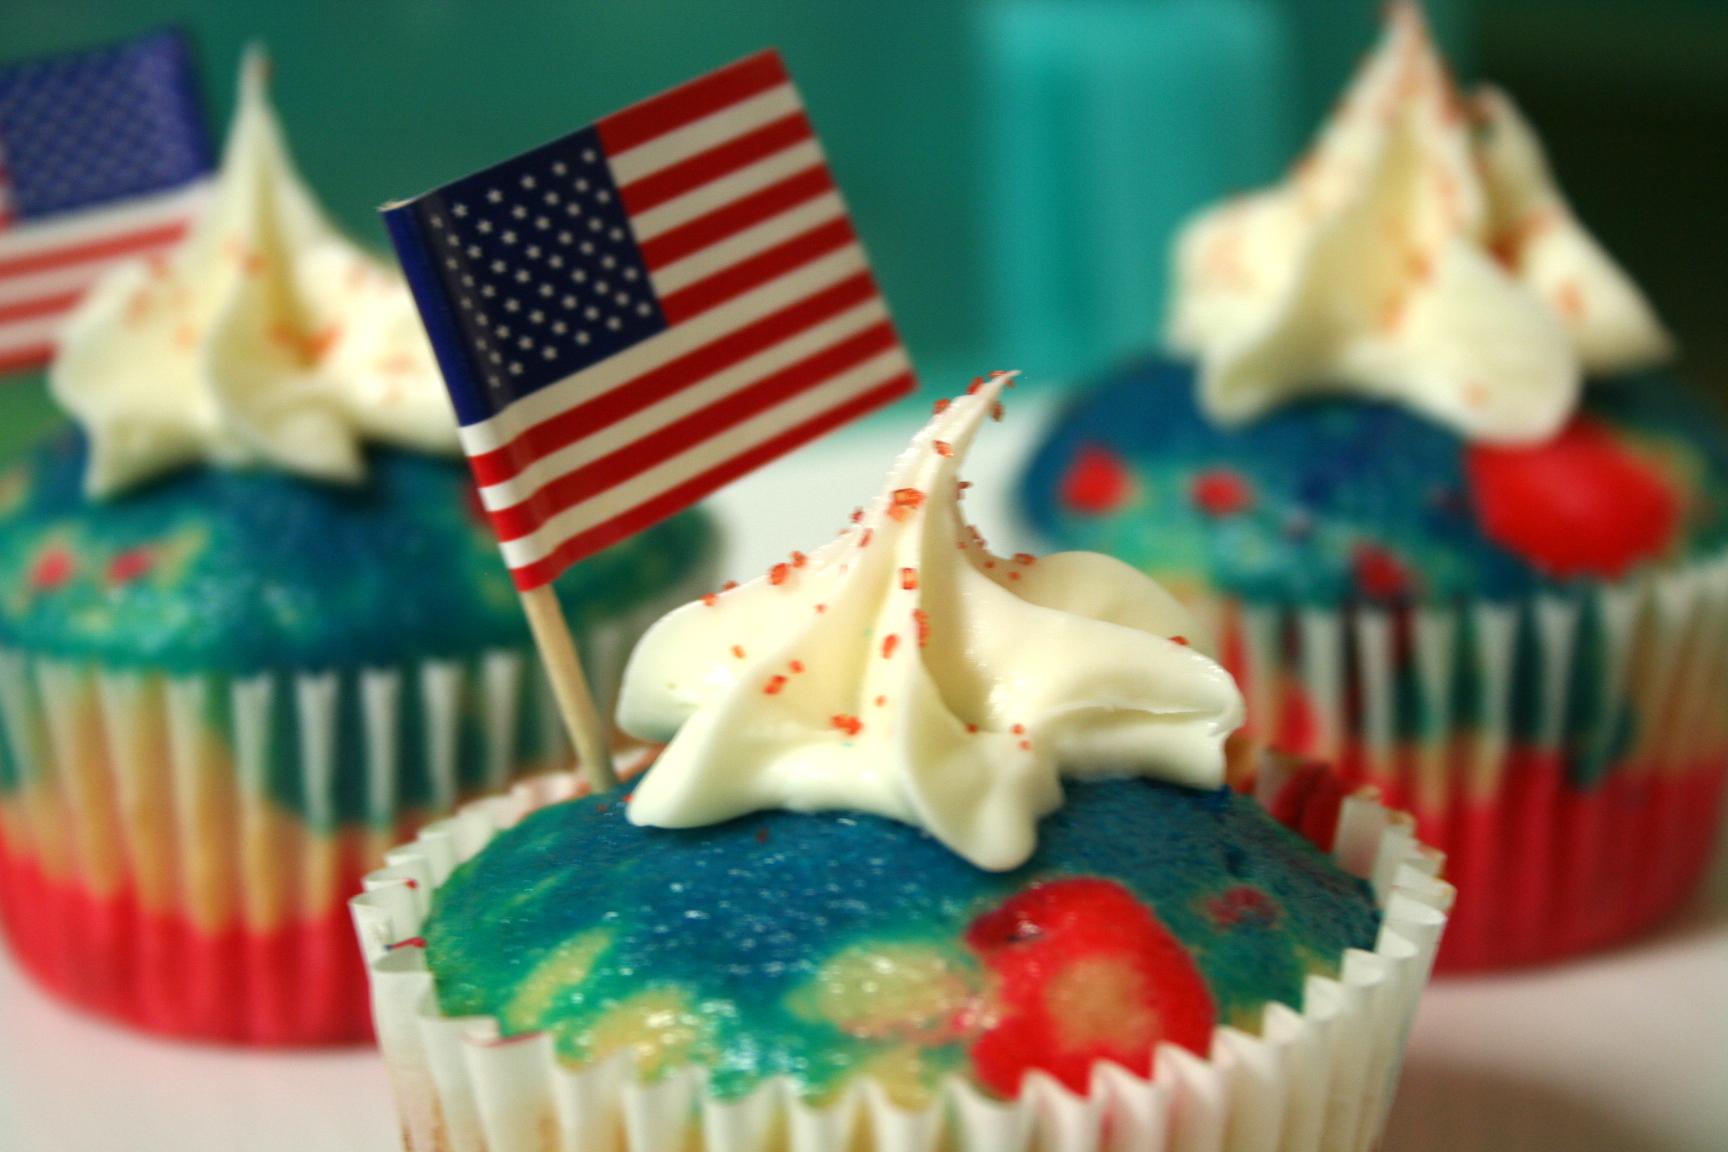 Patriotic cupcake display